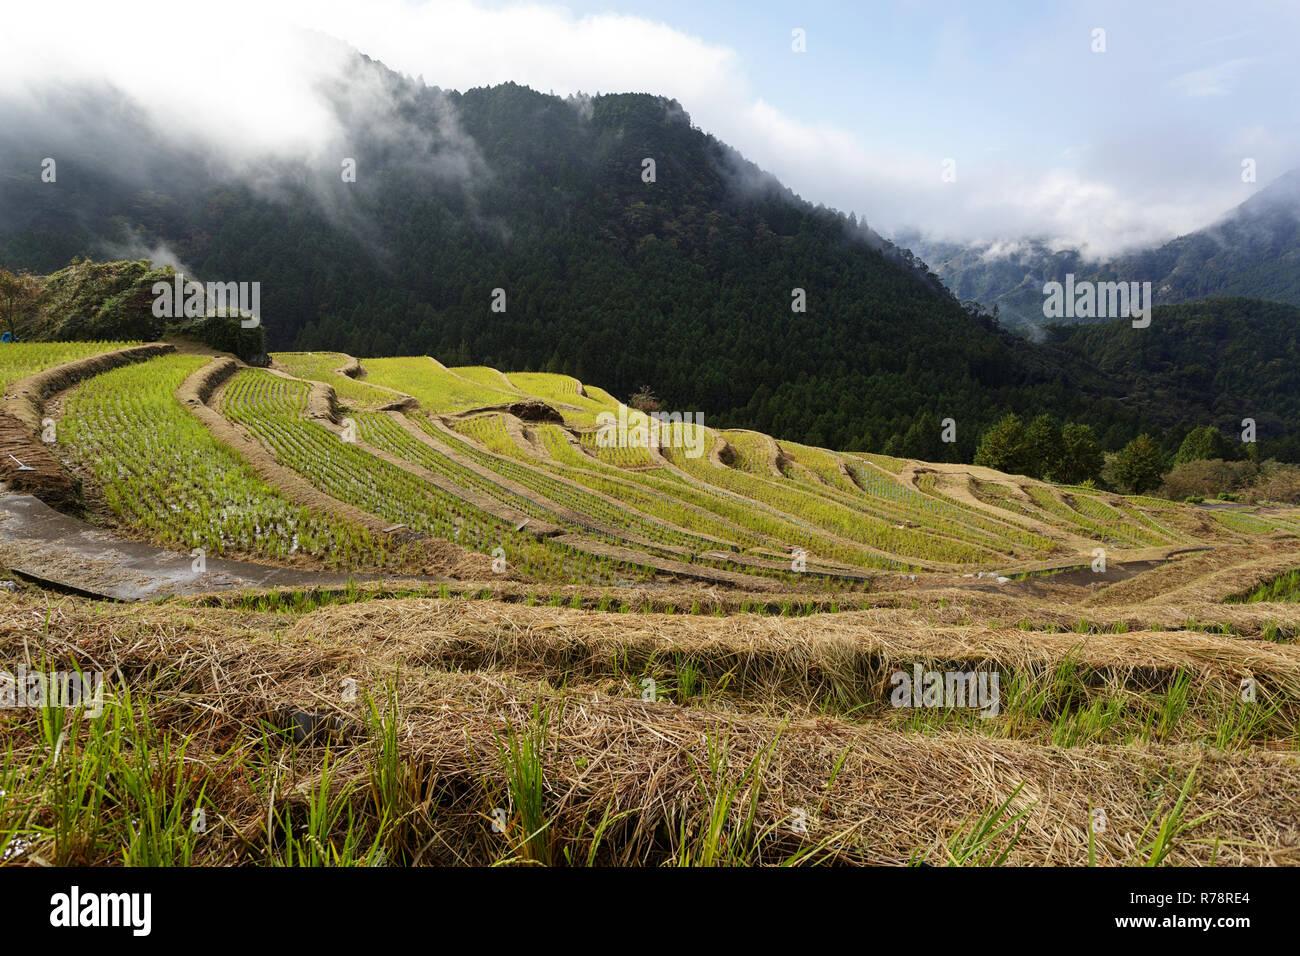 Maruyama Senmaida rice terraces in central Japan, Maruyama-senmaida, Kumano, Japan Stock Photo